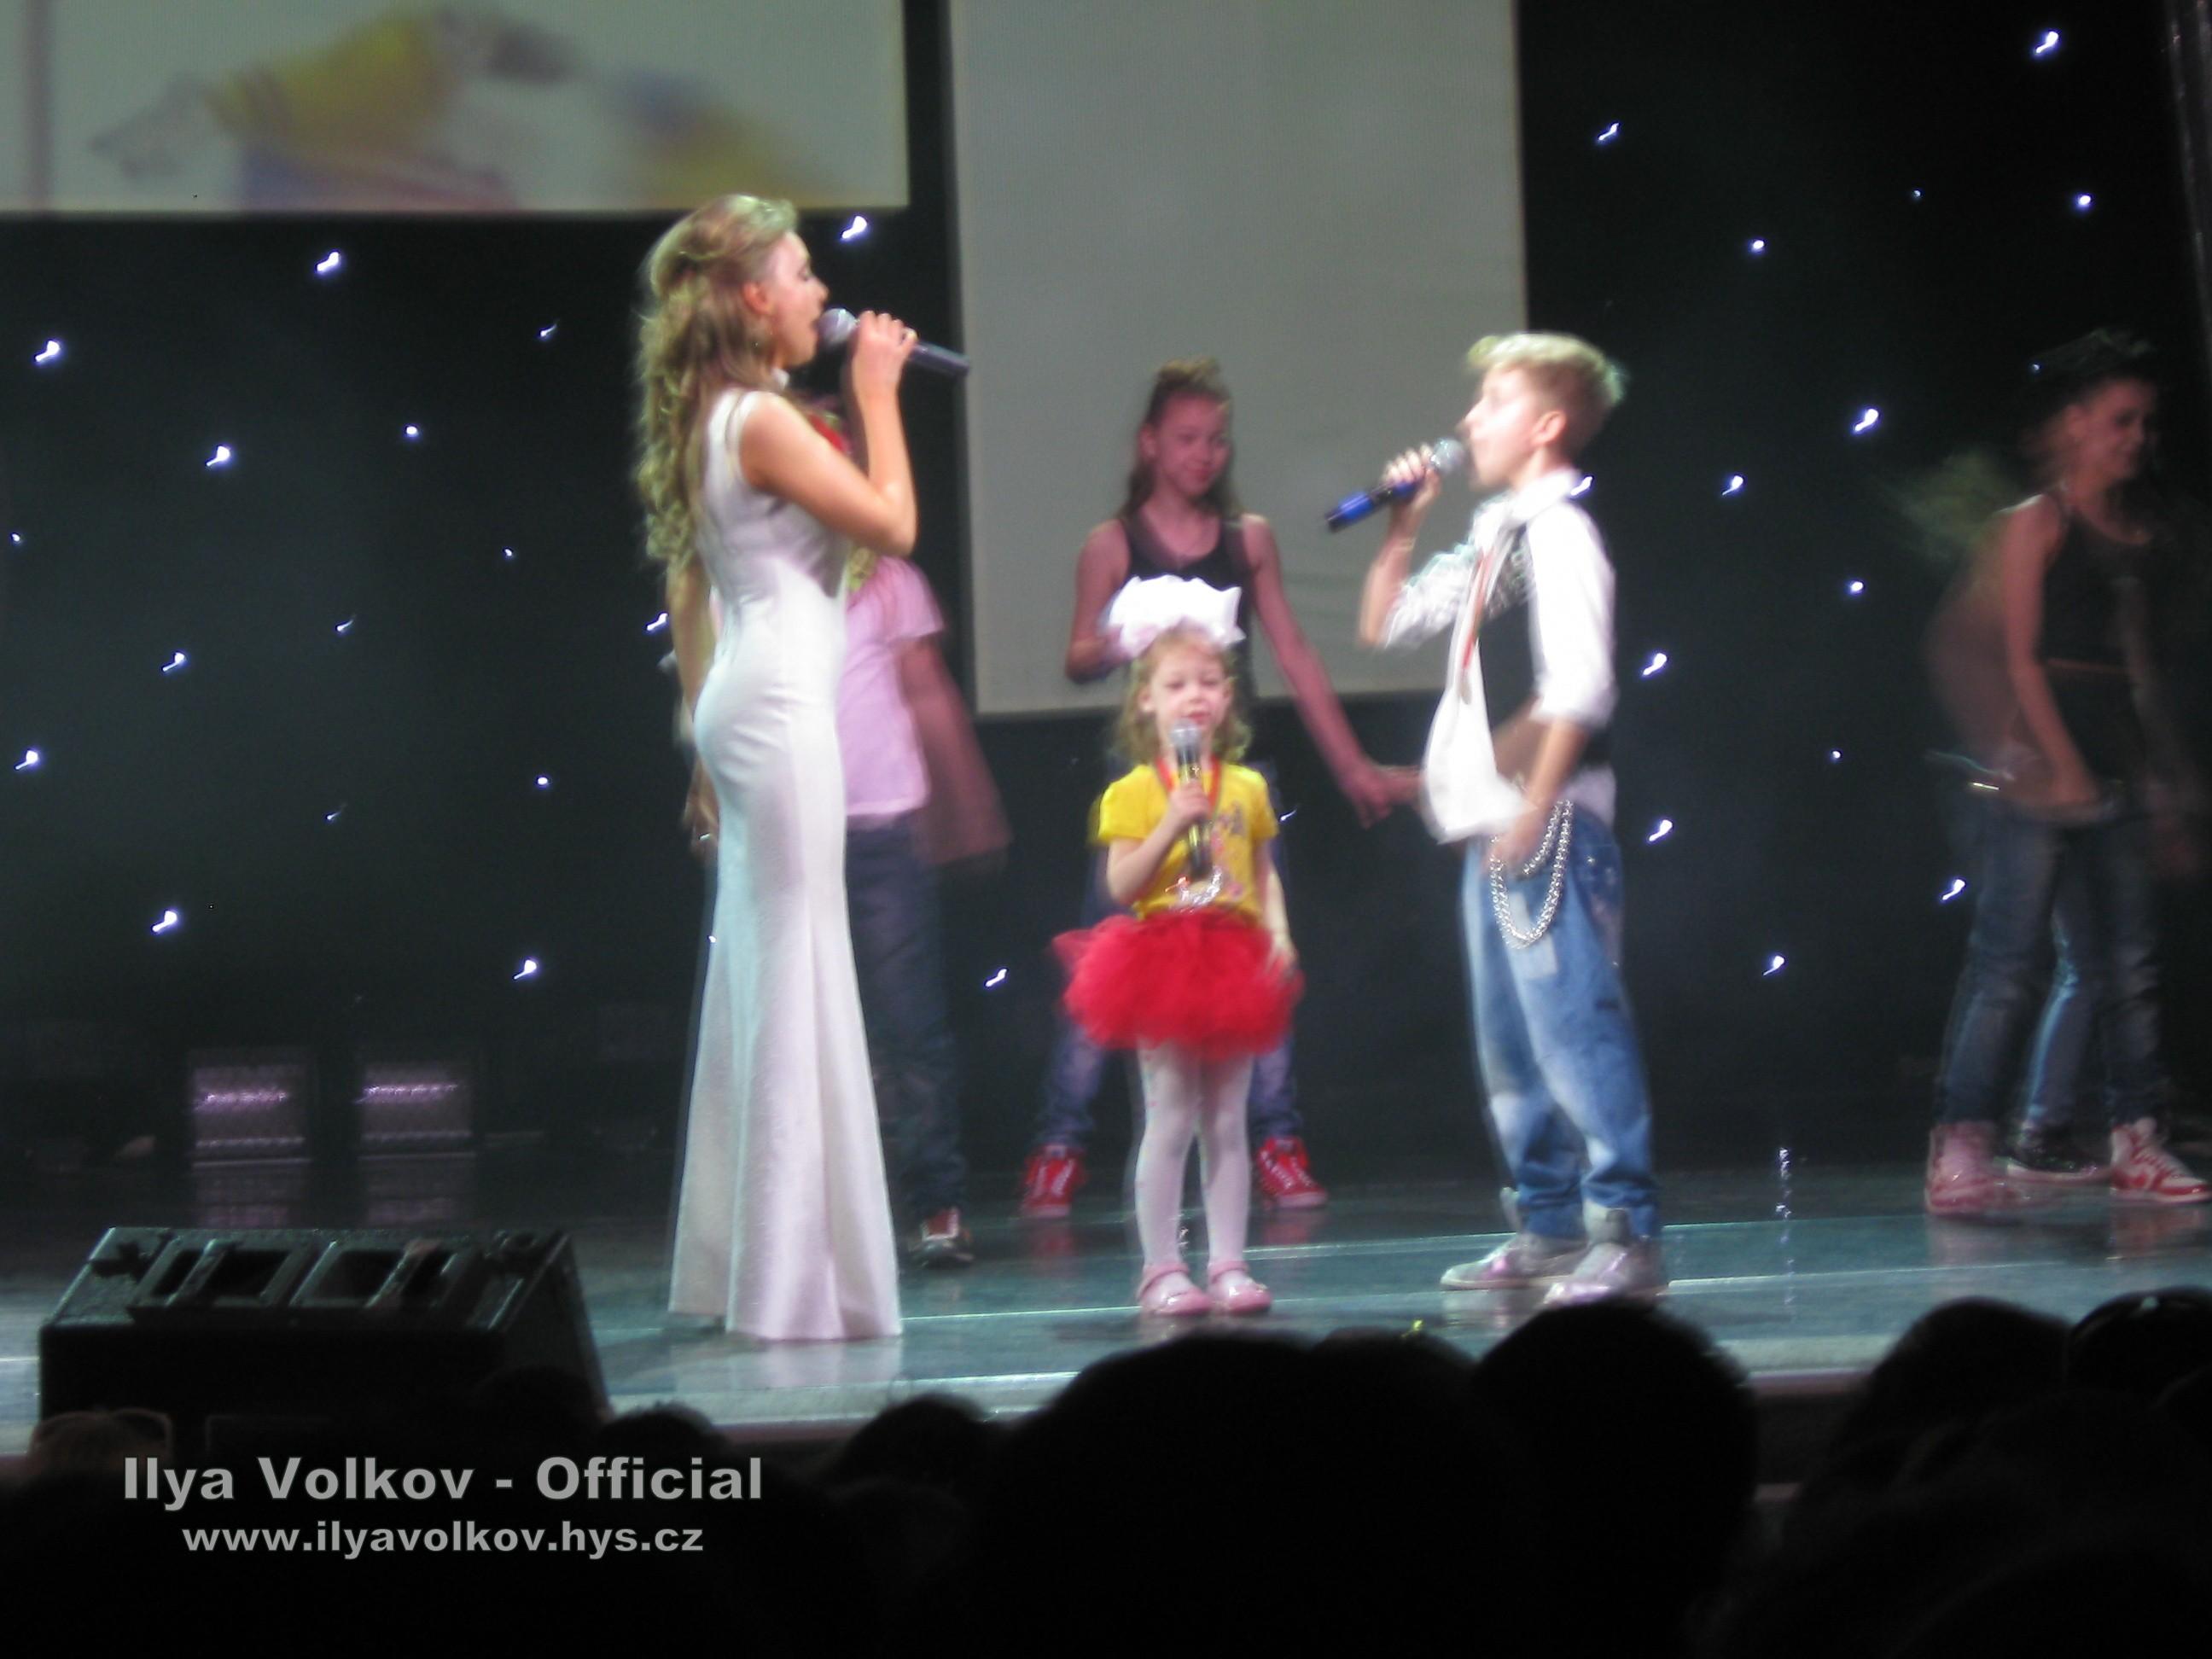 Ilya Volkov - Concert with JANET 2014  (5)